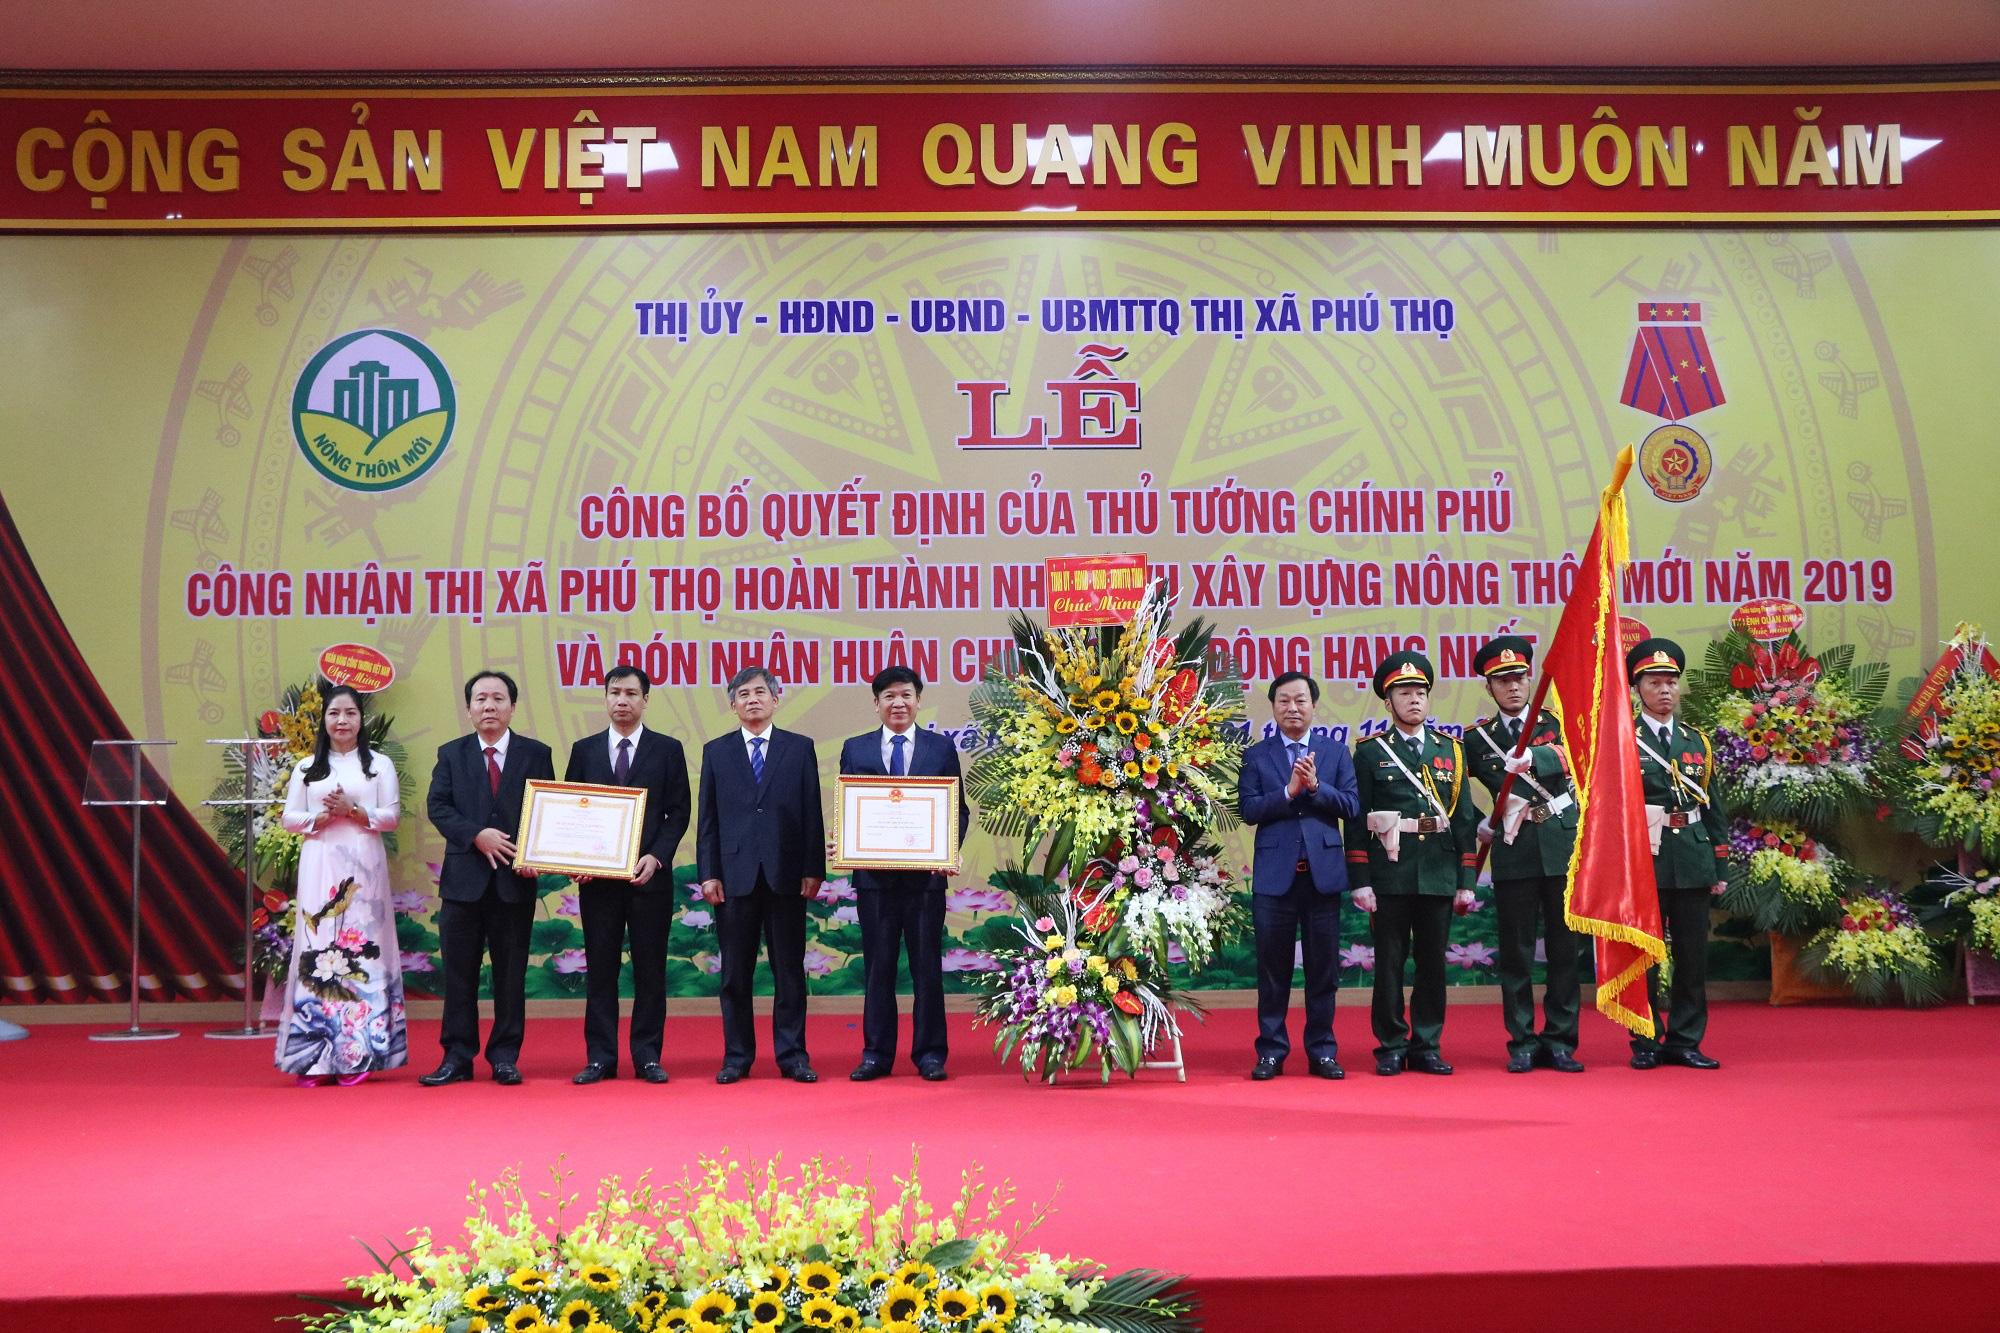 Phú Thọ: Huy động 2.800 tỷ đồng xây dựng nông thôn mới năm 2021 - Ảnh 1.